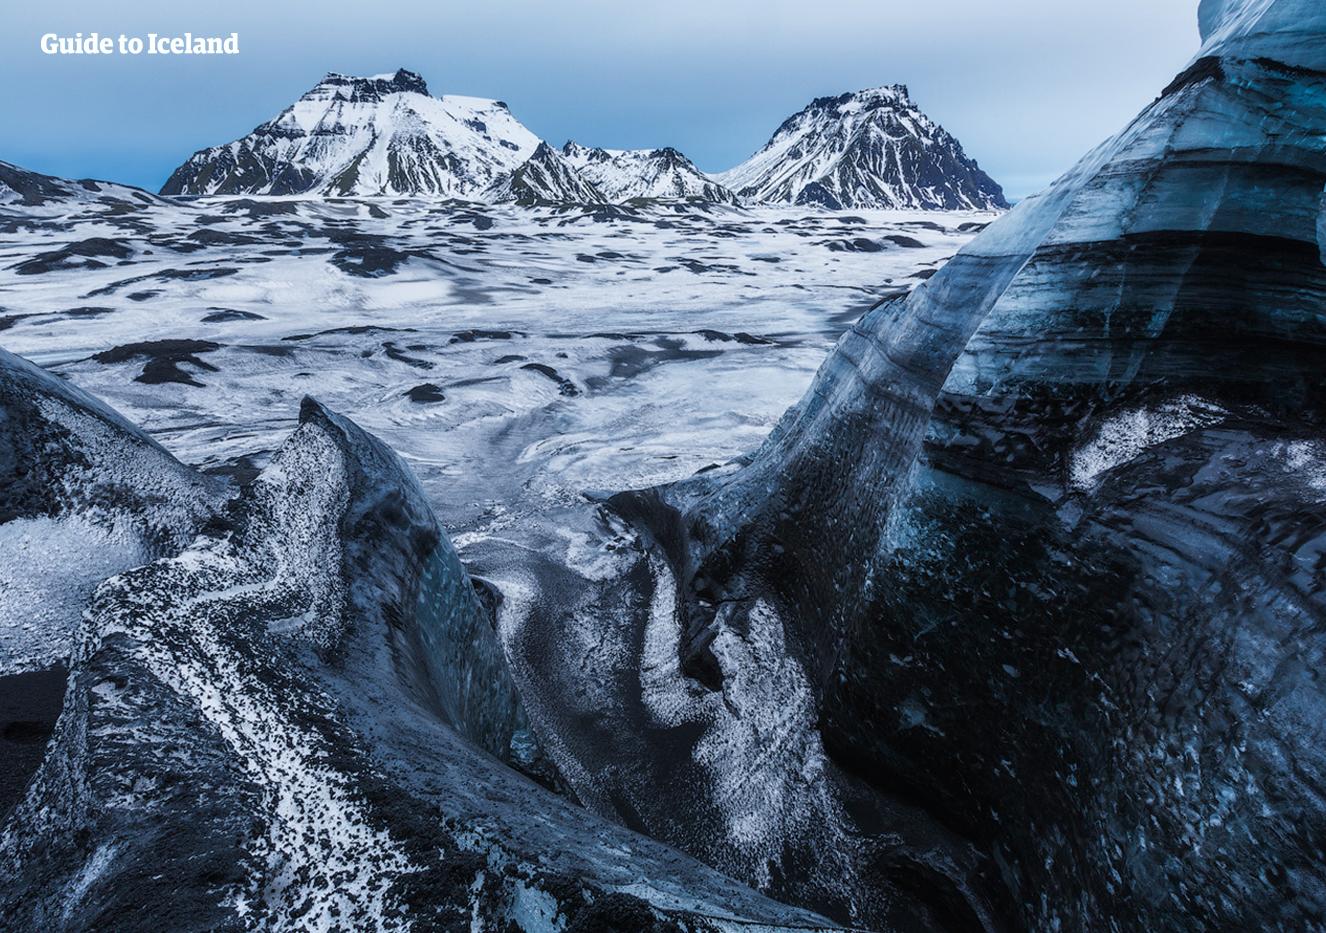 미르달스요쿨 빙하 꼭대기가 화산폭발로 인해 분출된 검은 화산재로 뒤덮여 있습니다.